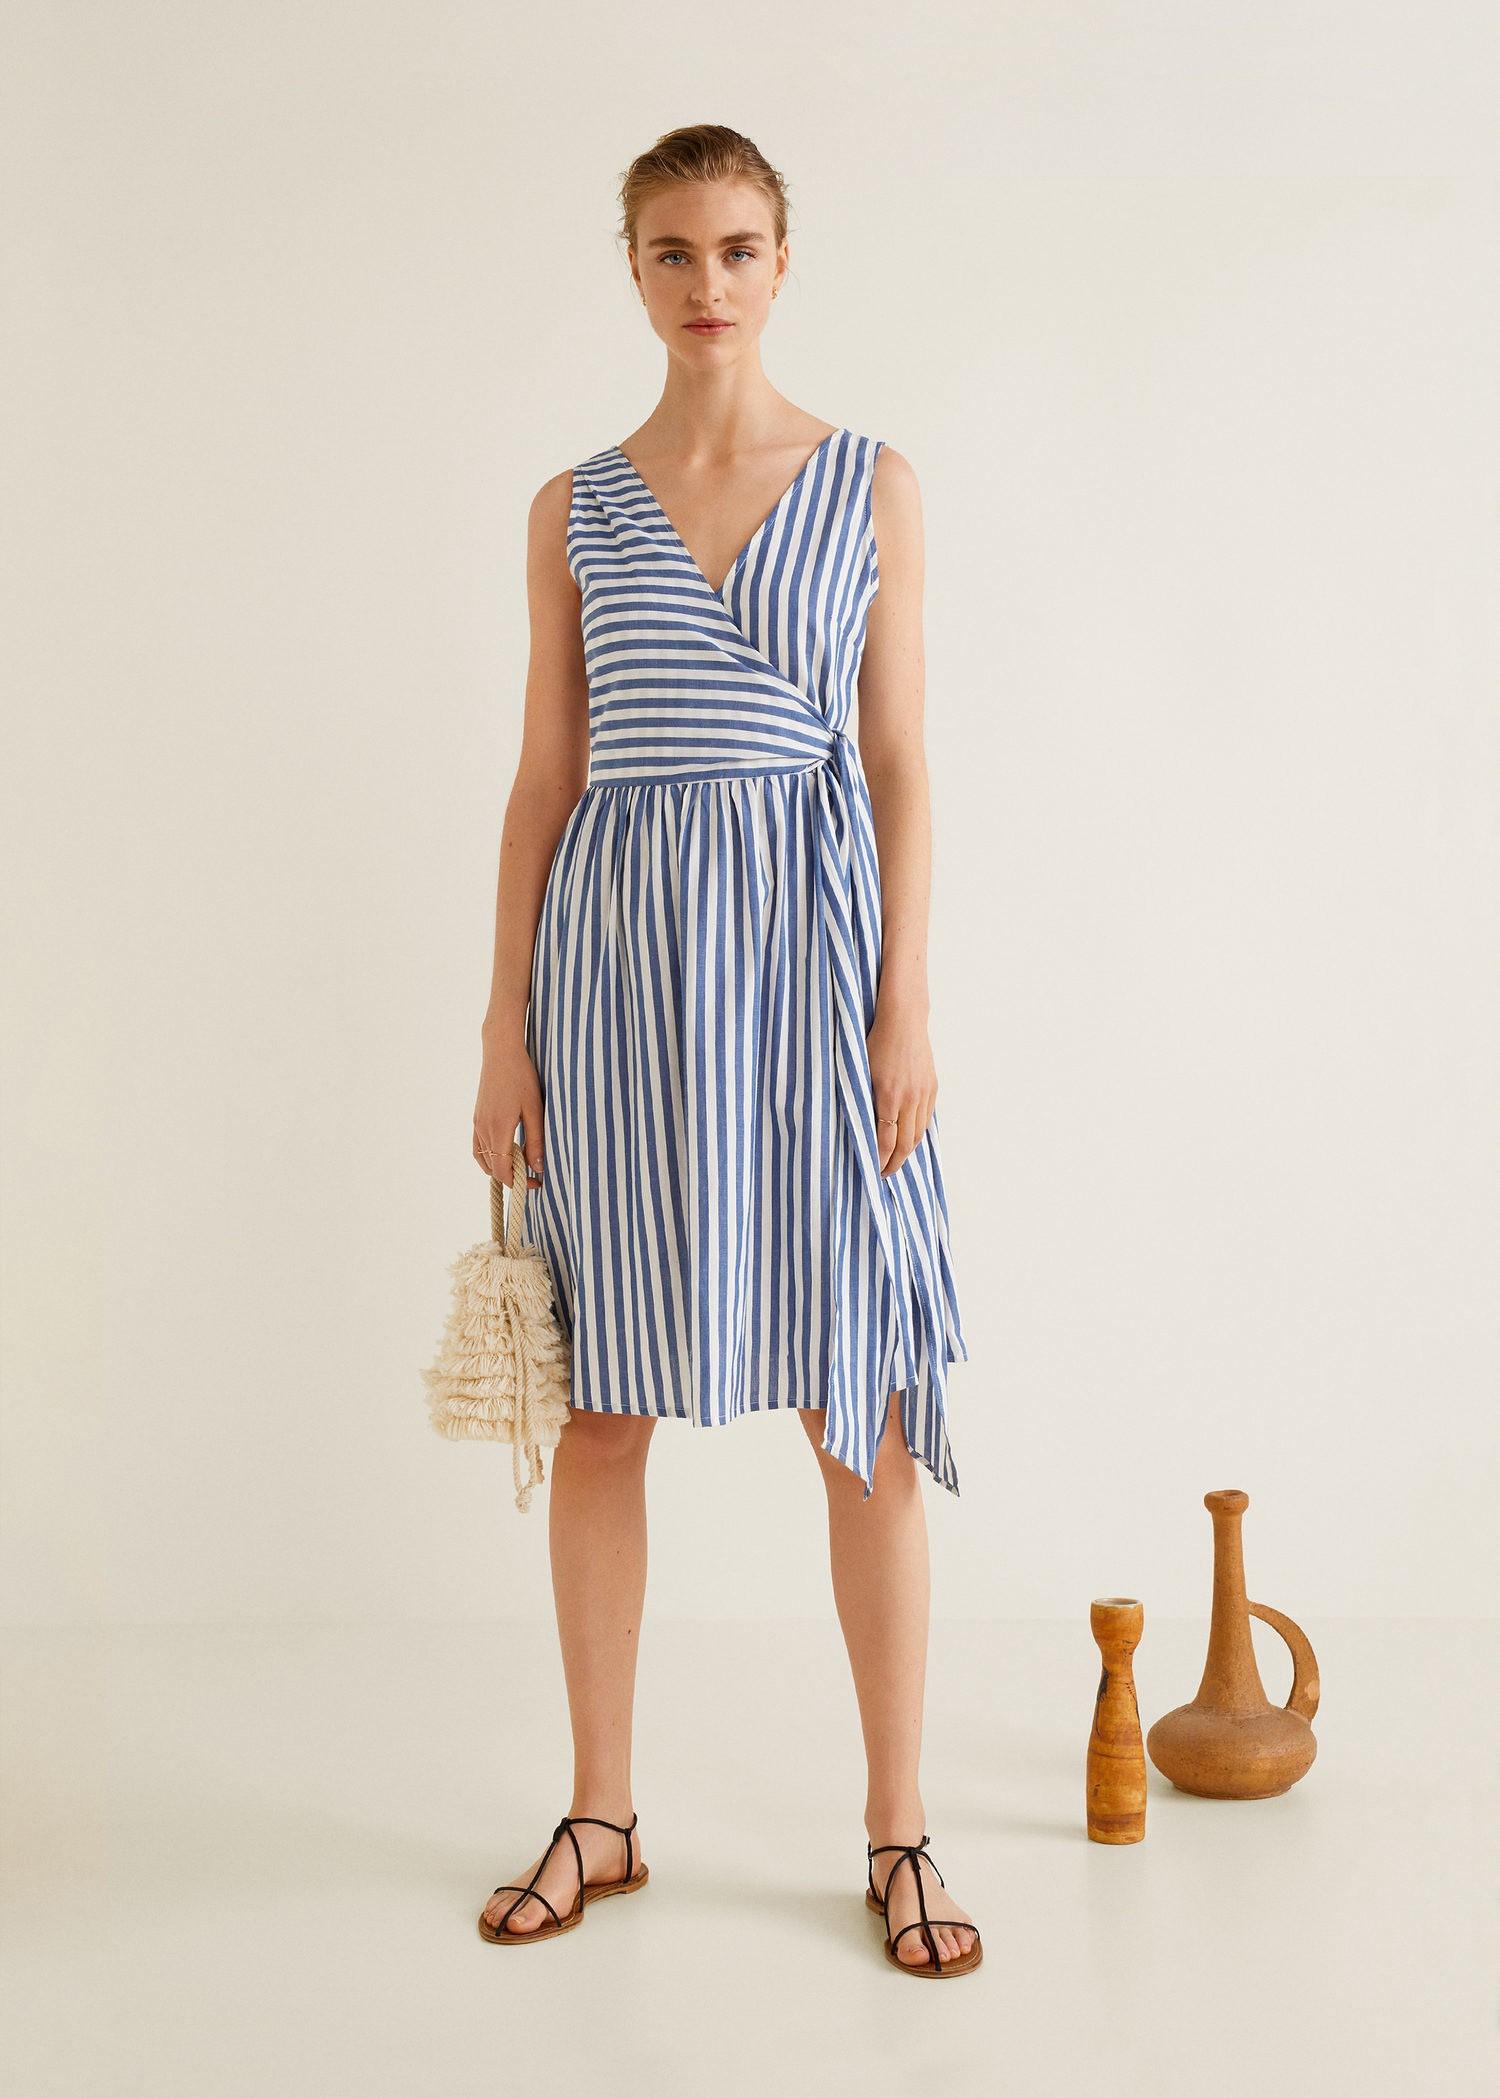 5dc49936b5d Mango Striped Wrap Dress - Women